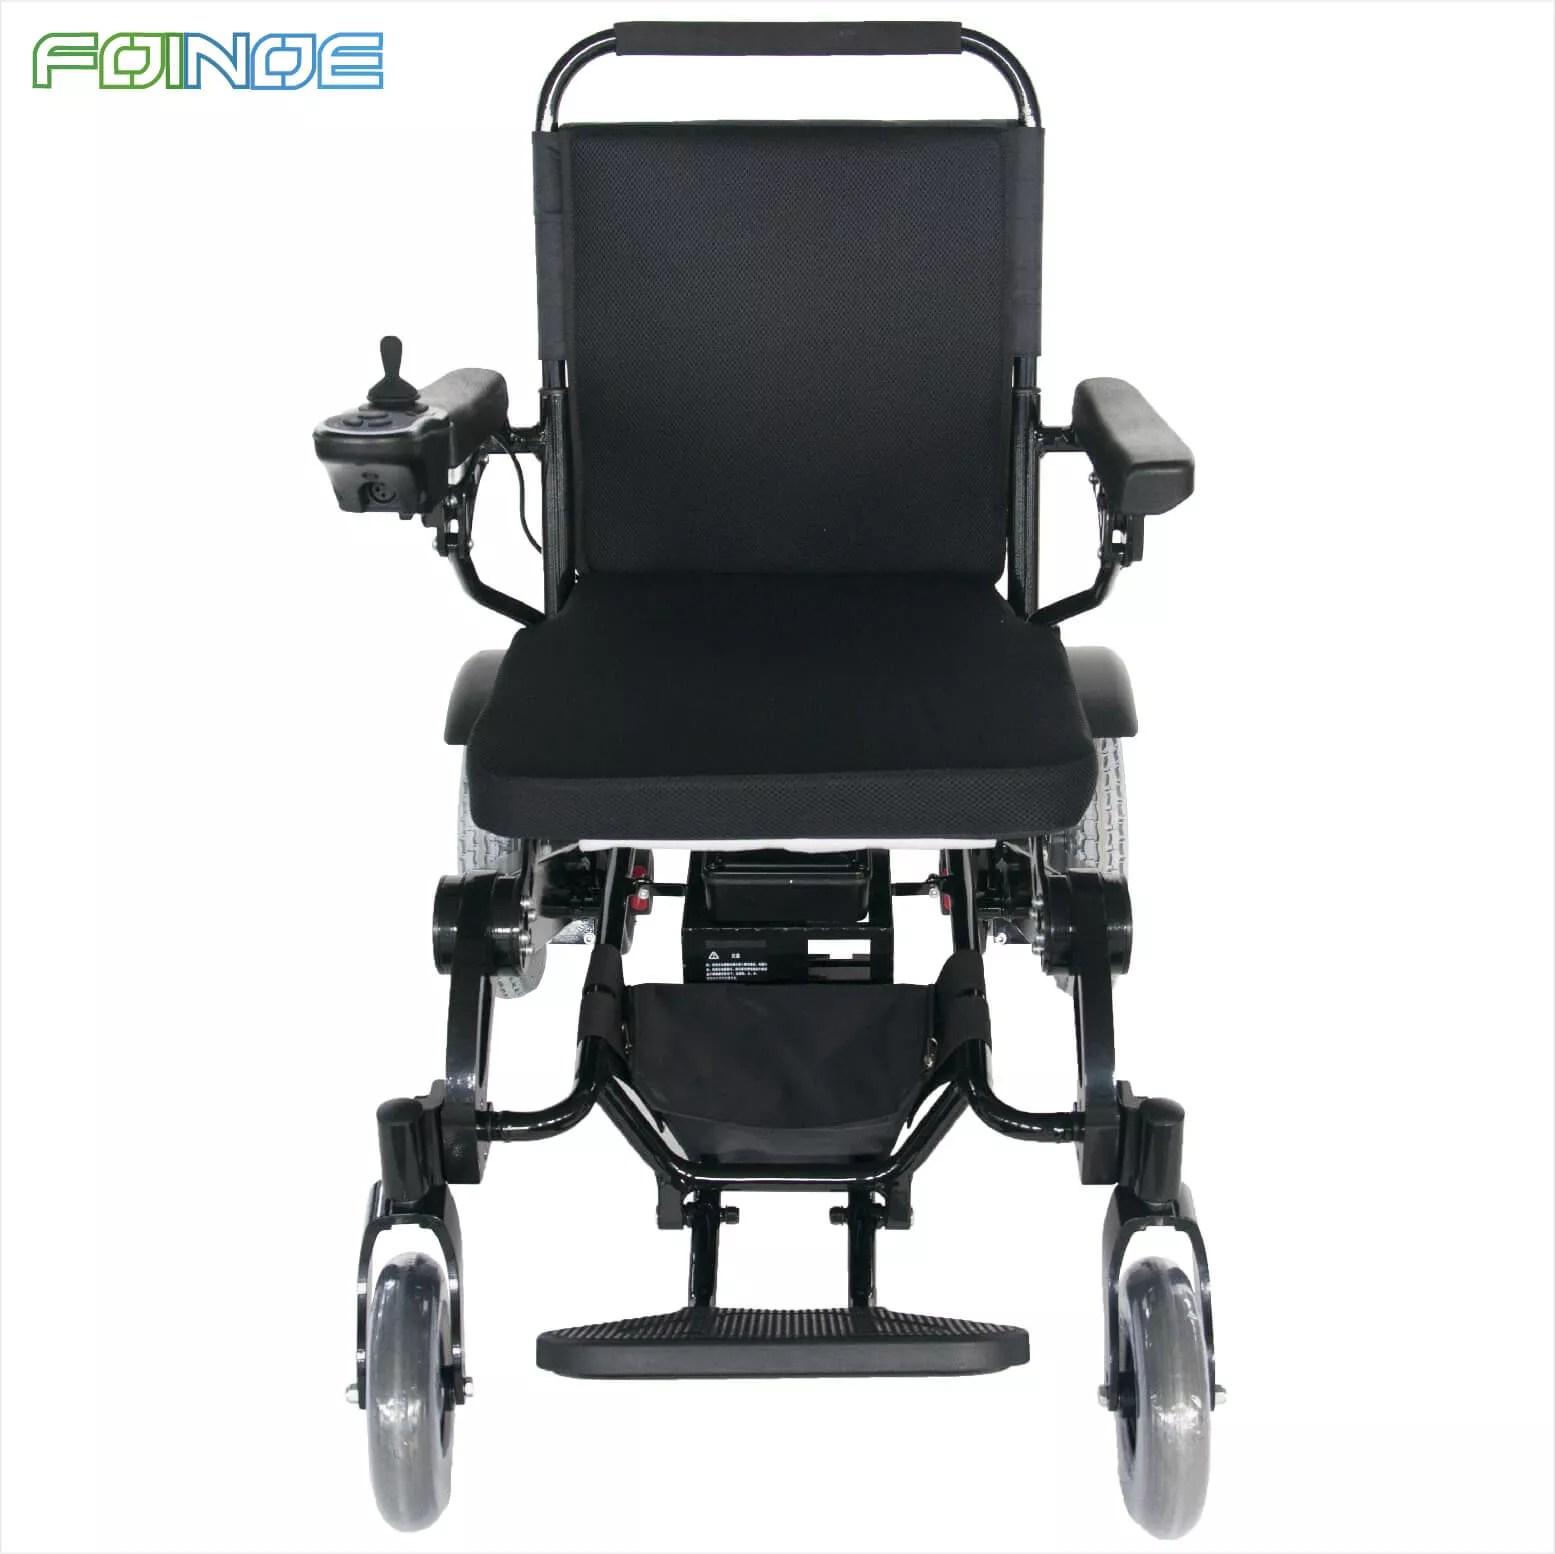 Silla de ruedas motorizada ligera y plegable para adultos